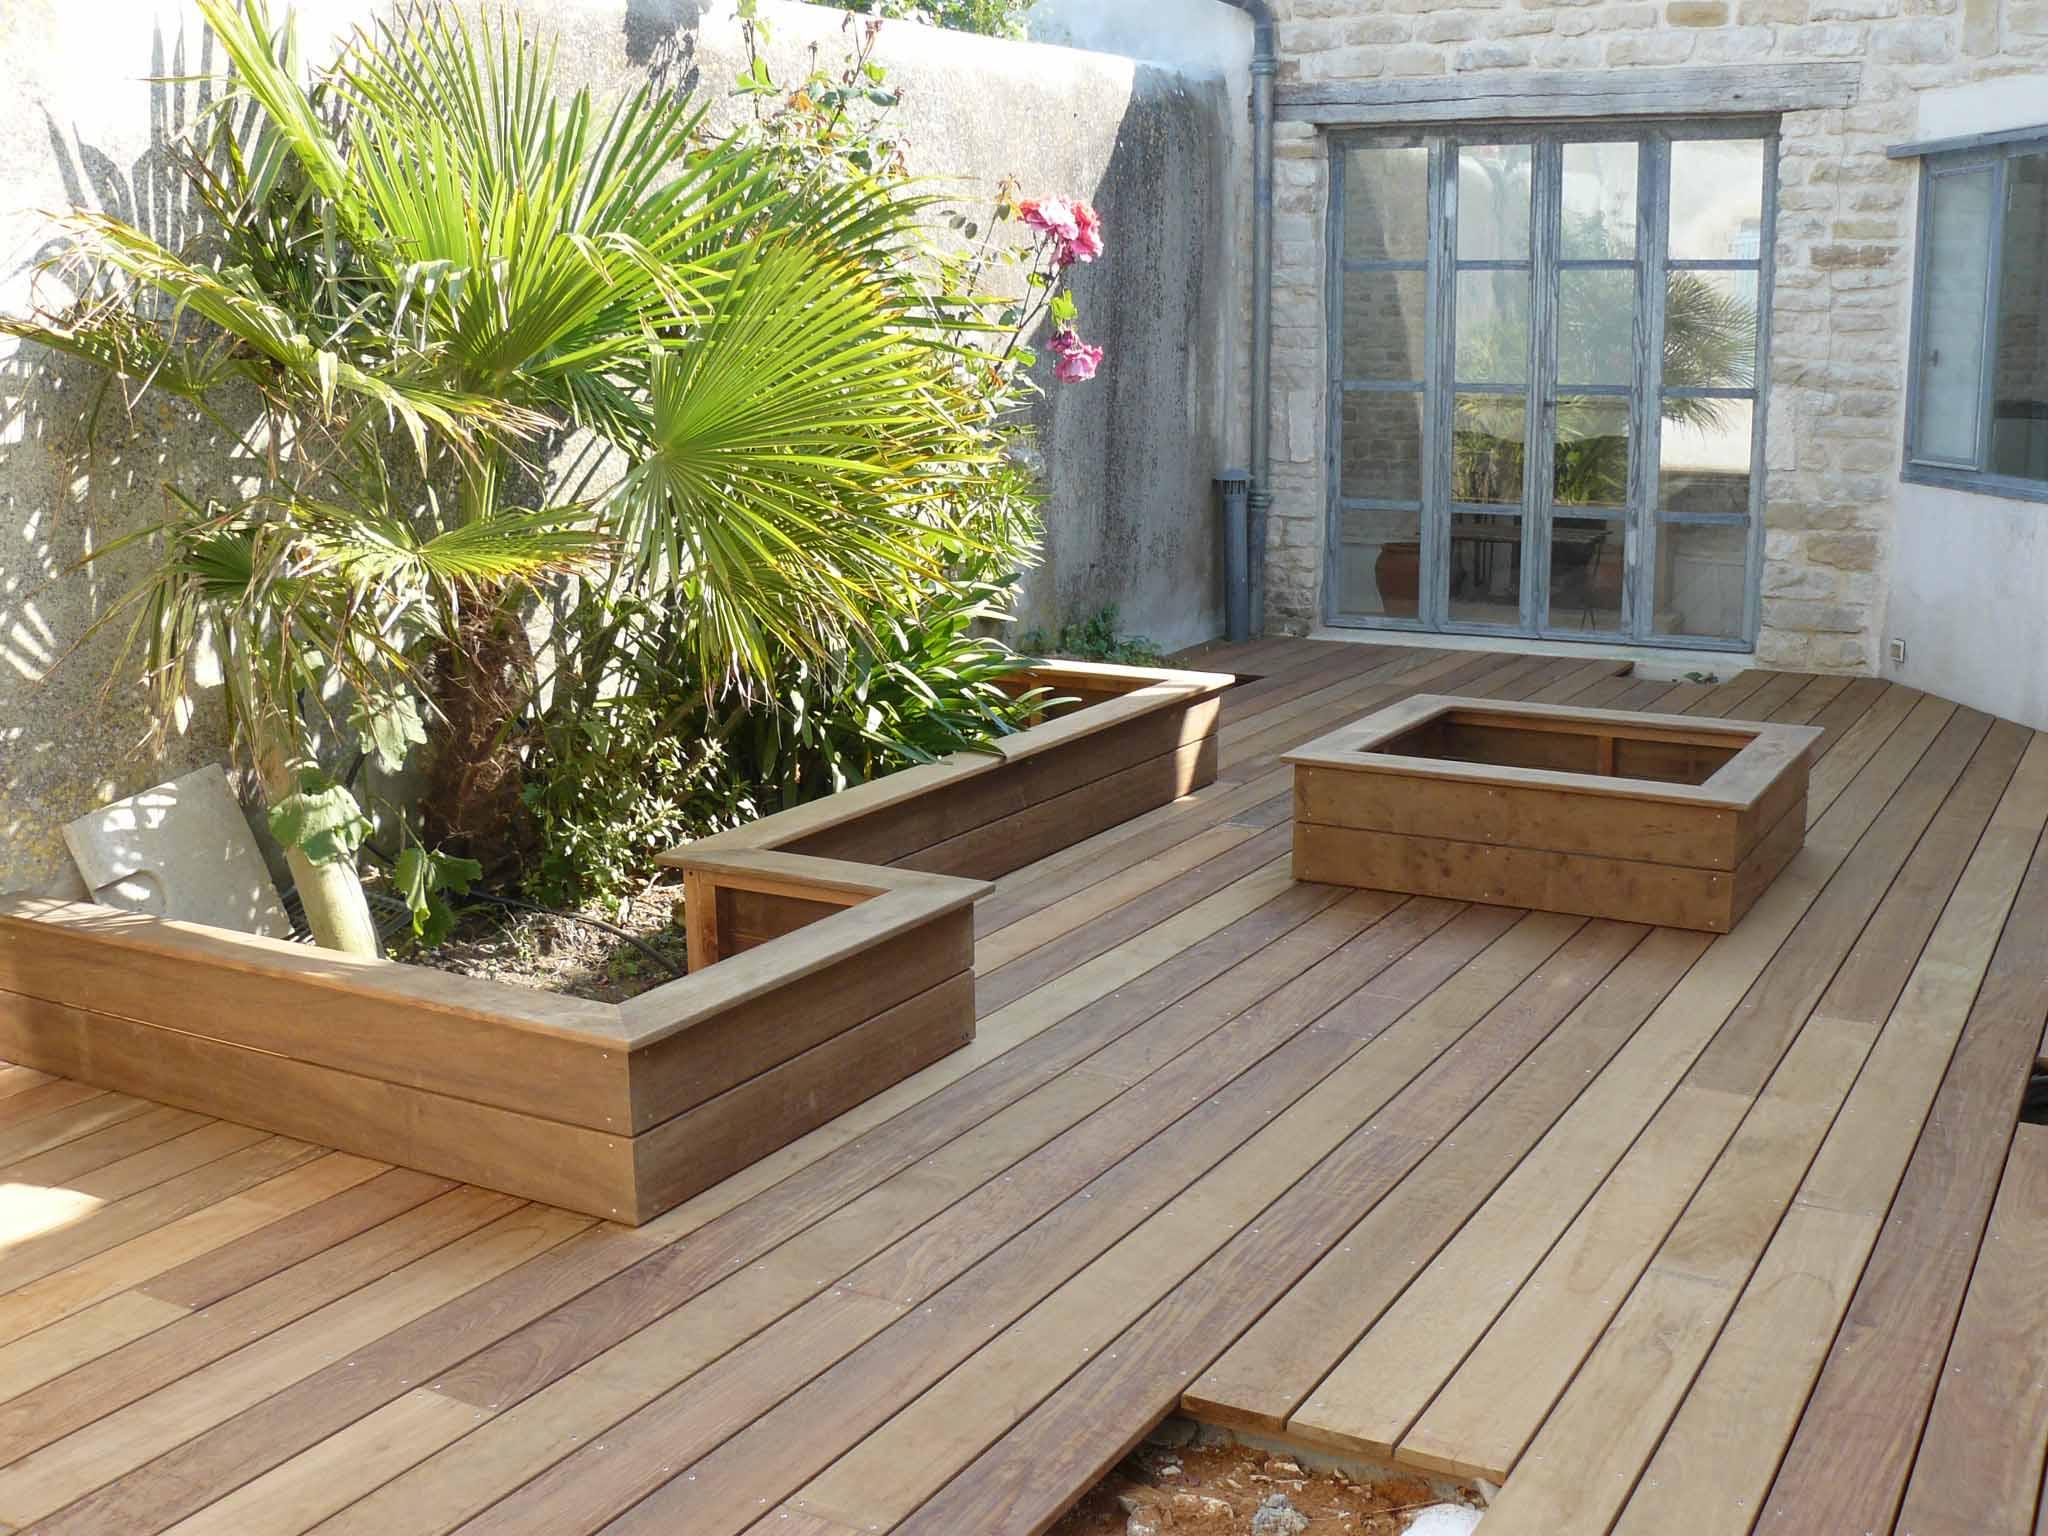 Aménagement terrasse avec jardinières